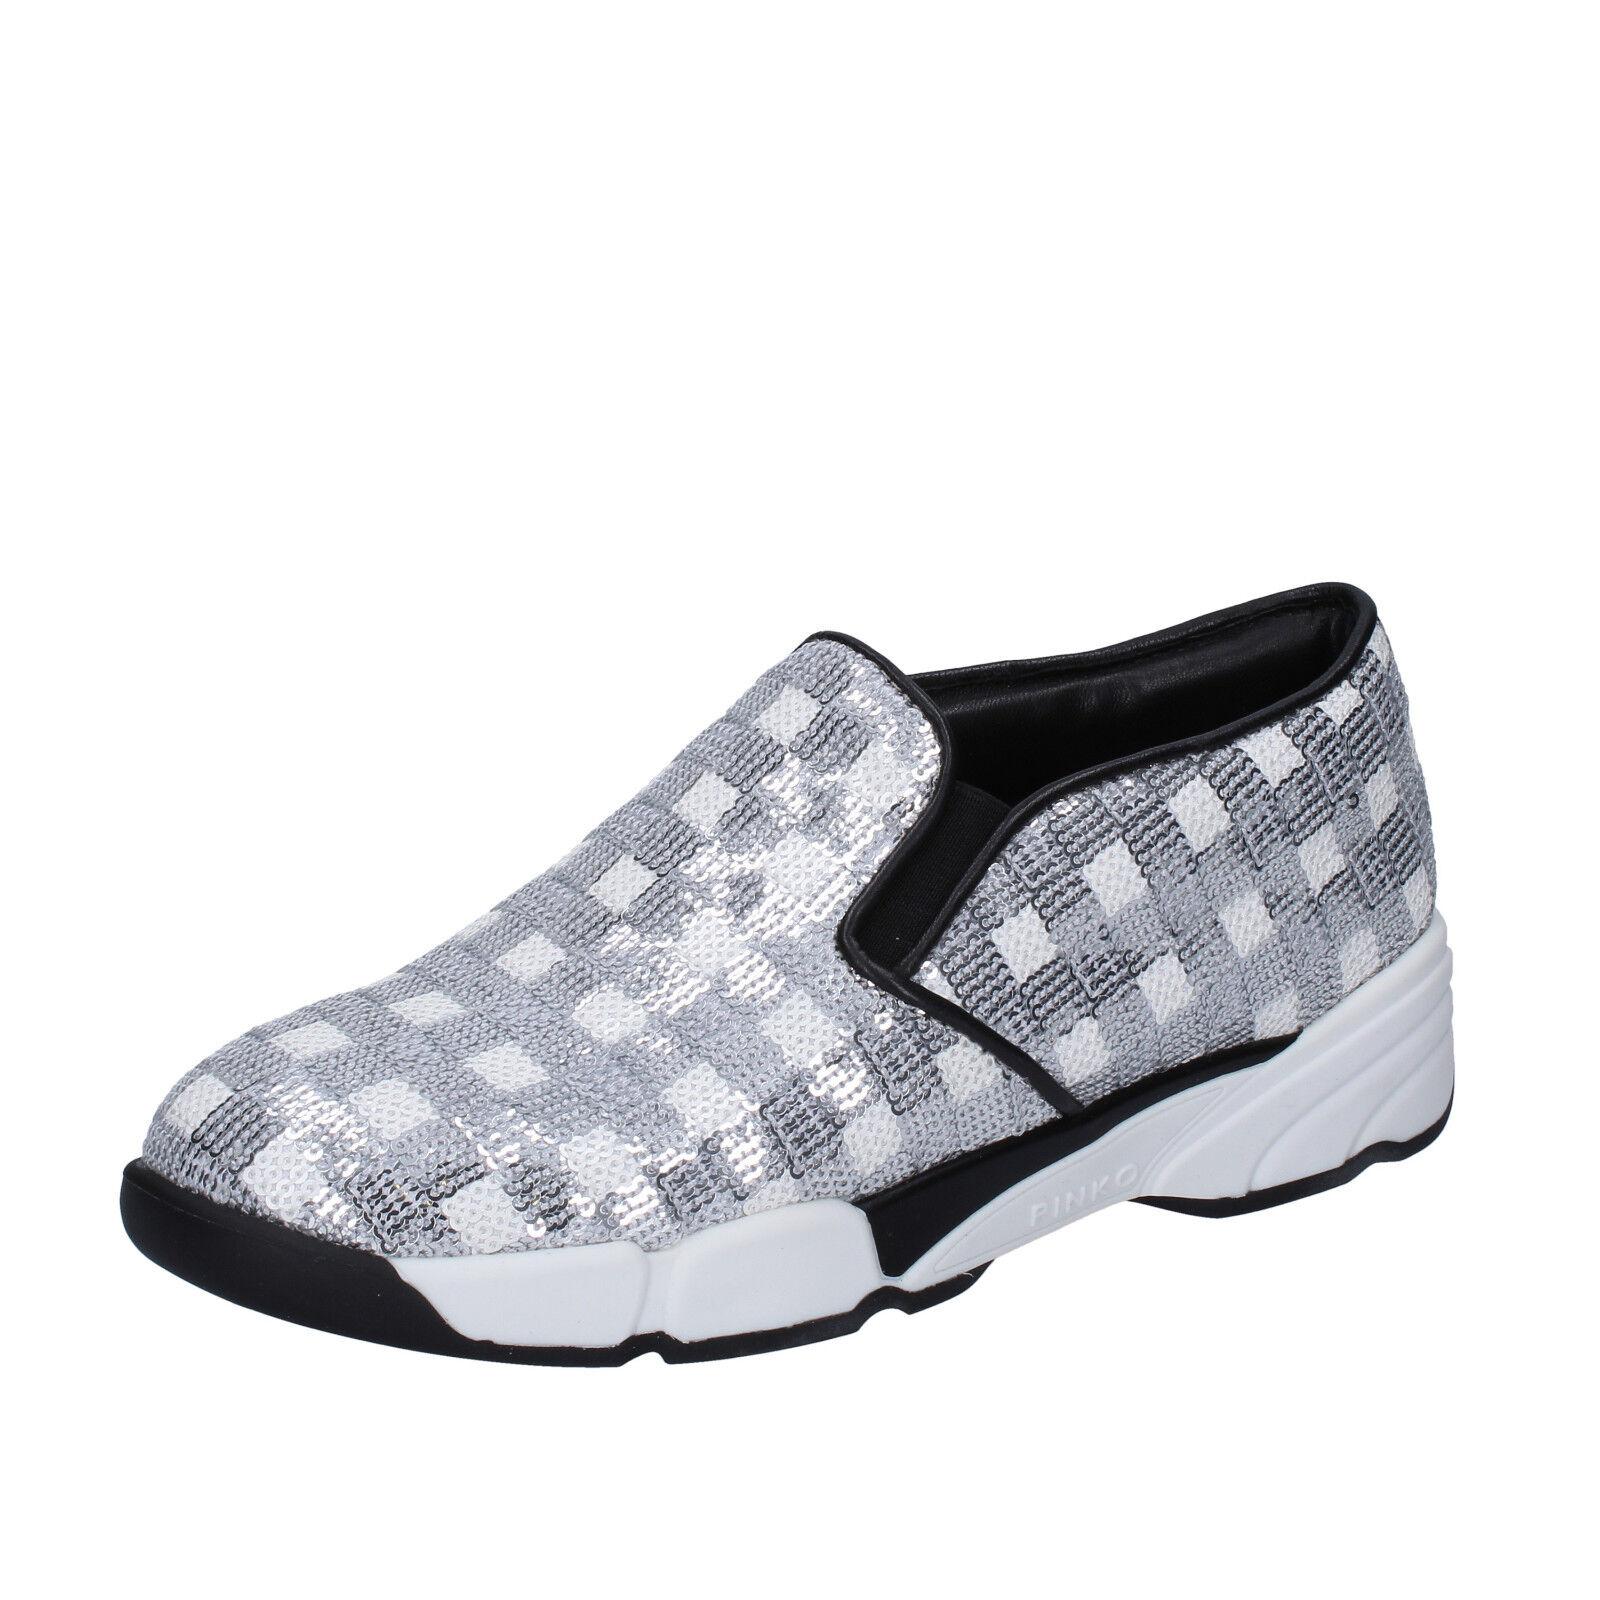 Para mujeres Zapatos rosadoO 9 (EU 39) Resbalón En En En blancoo Plata Purpurina BT251-39 950c6e